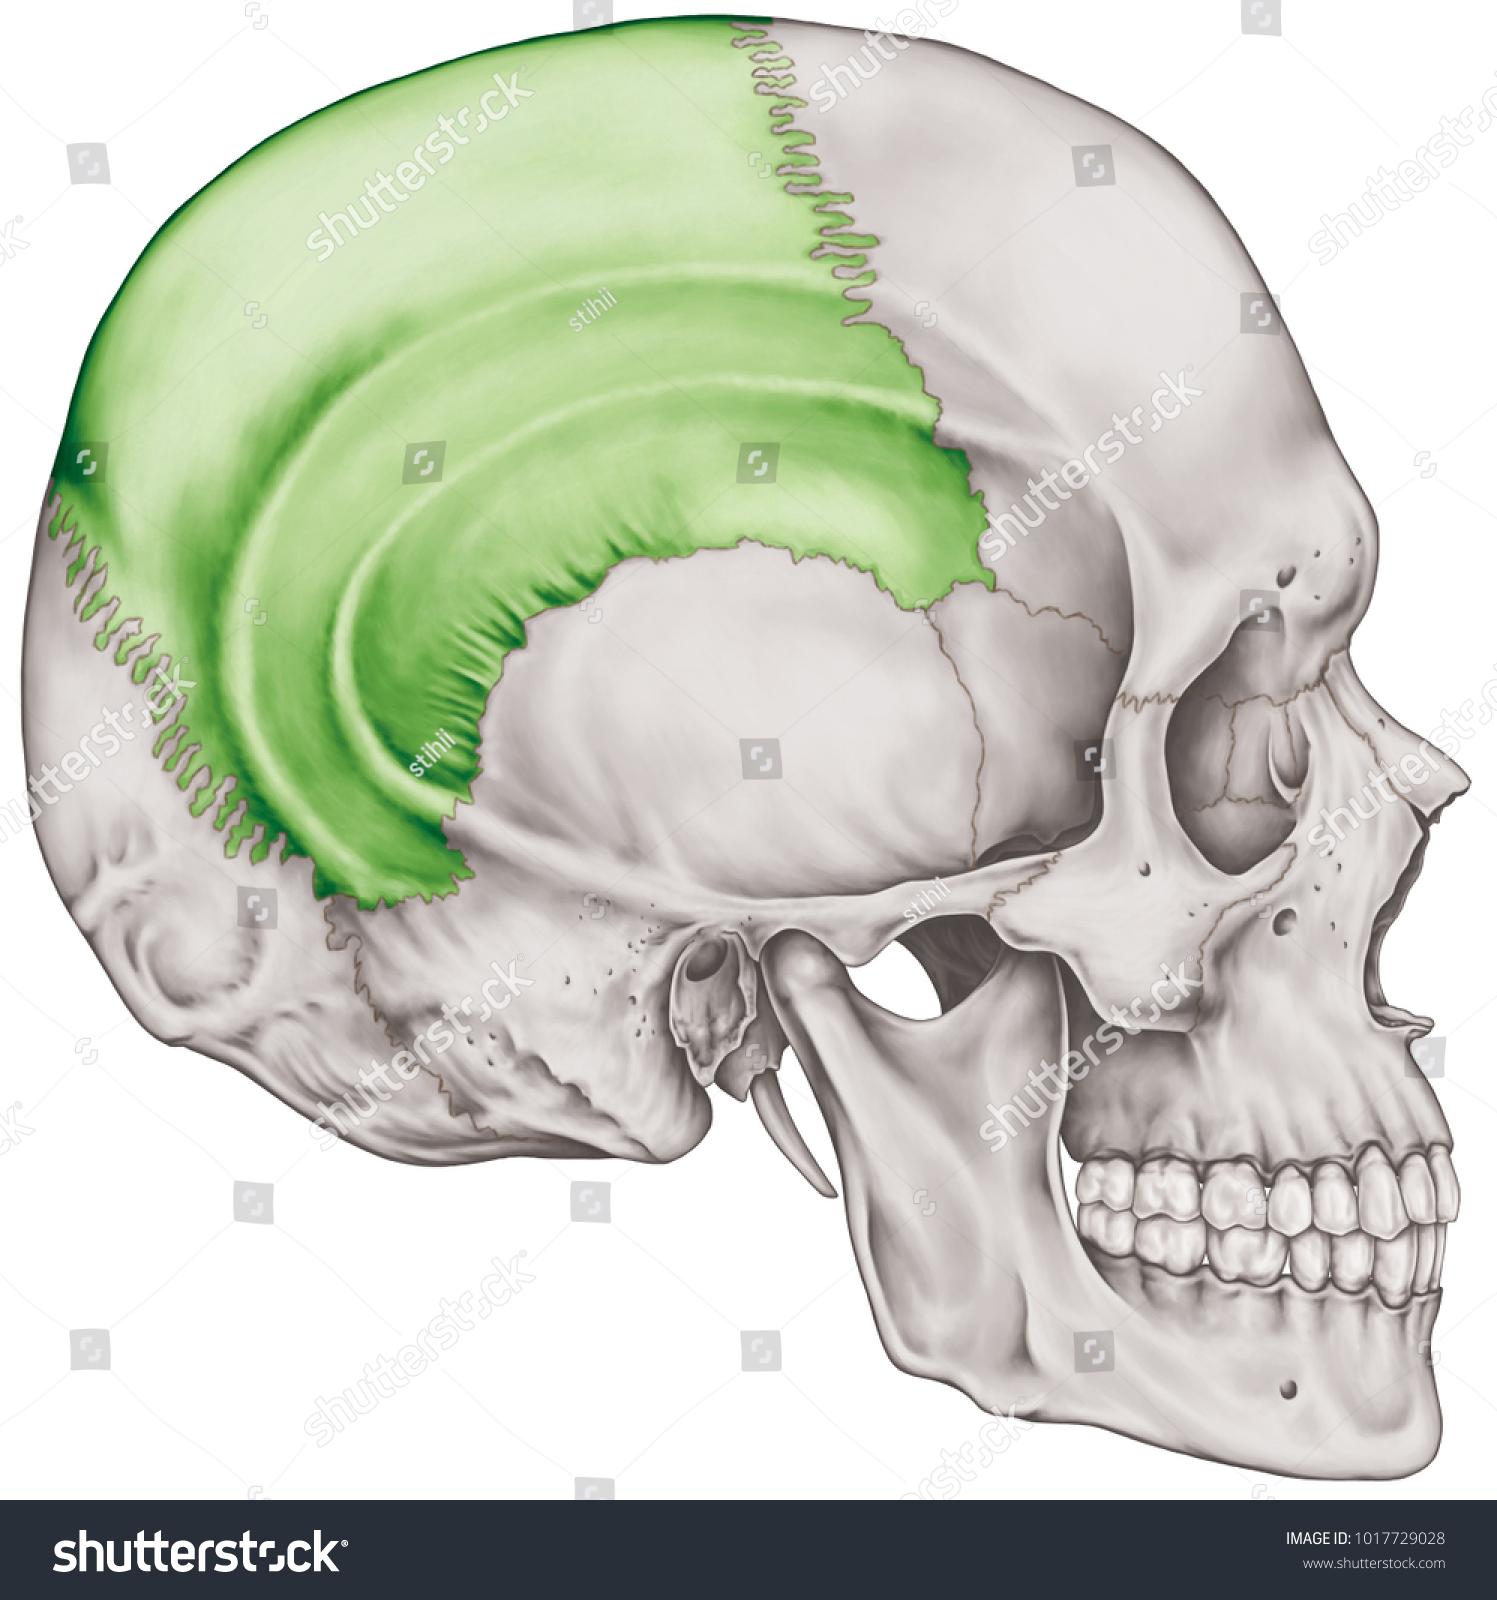 Parietal Bone Cranium Bones Head Skull Stock Illustration 1017729028